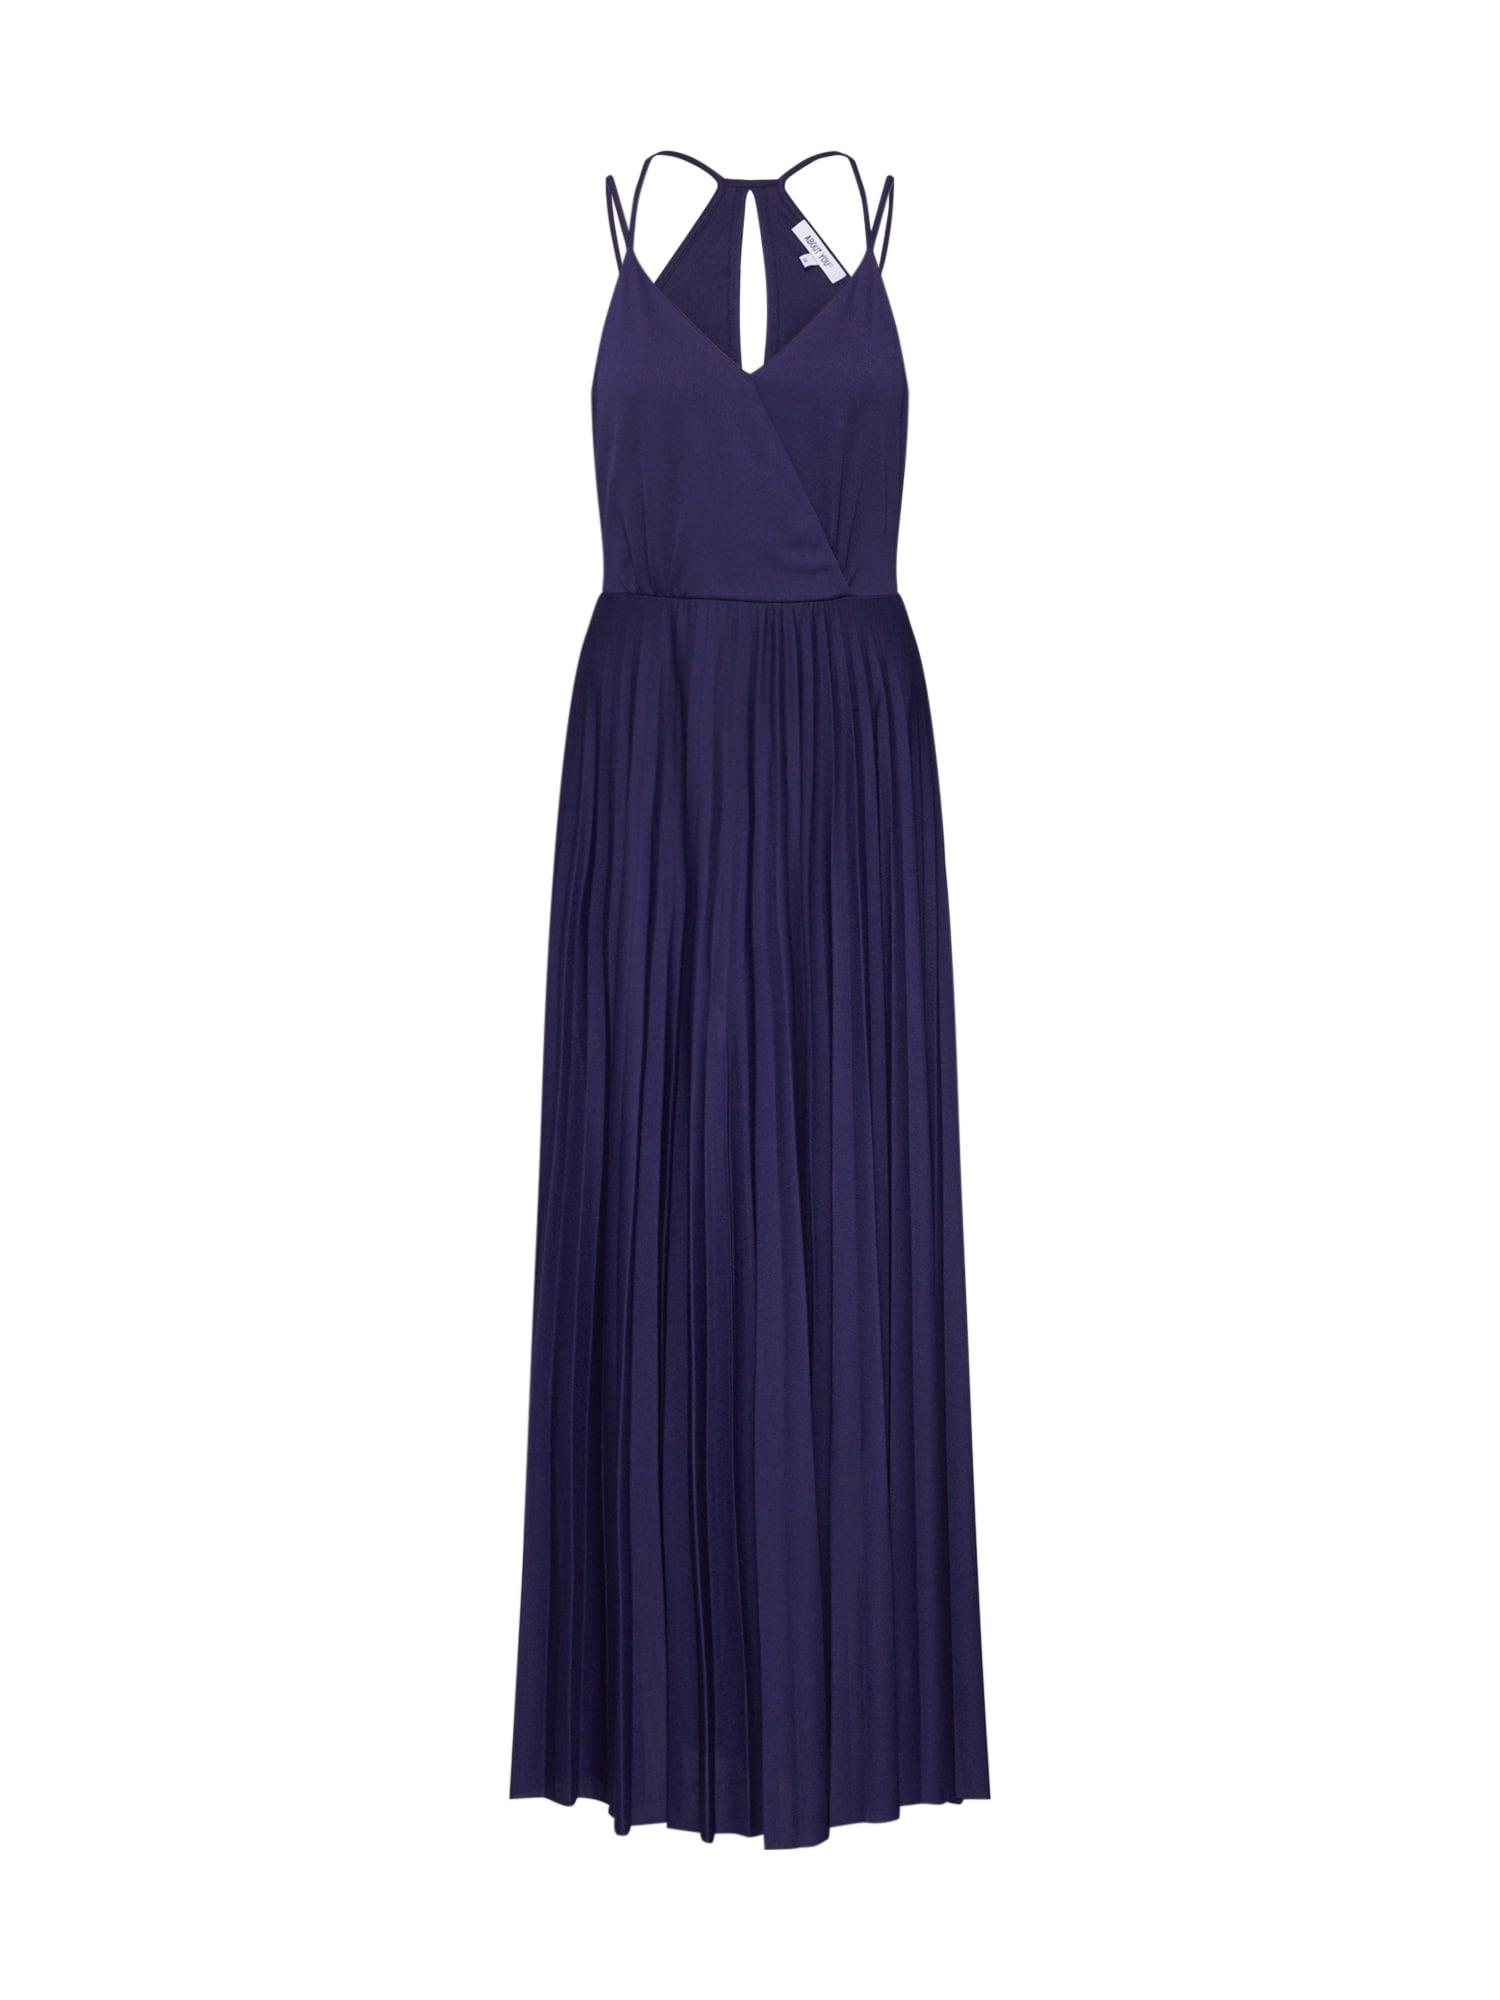 ABOUT YOU Vasarinė suknelė 'Falda' tamsiai mėlyna